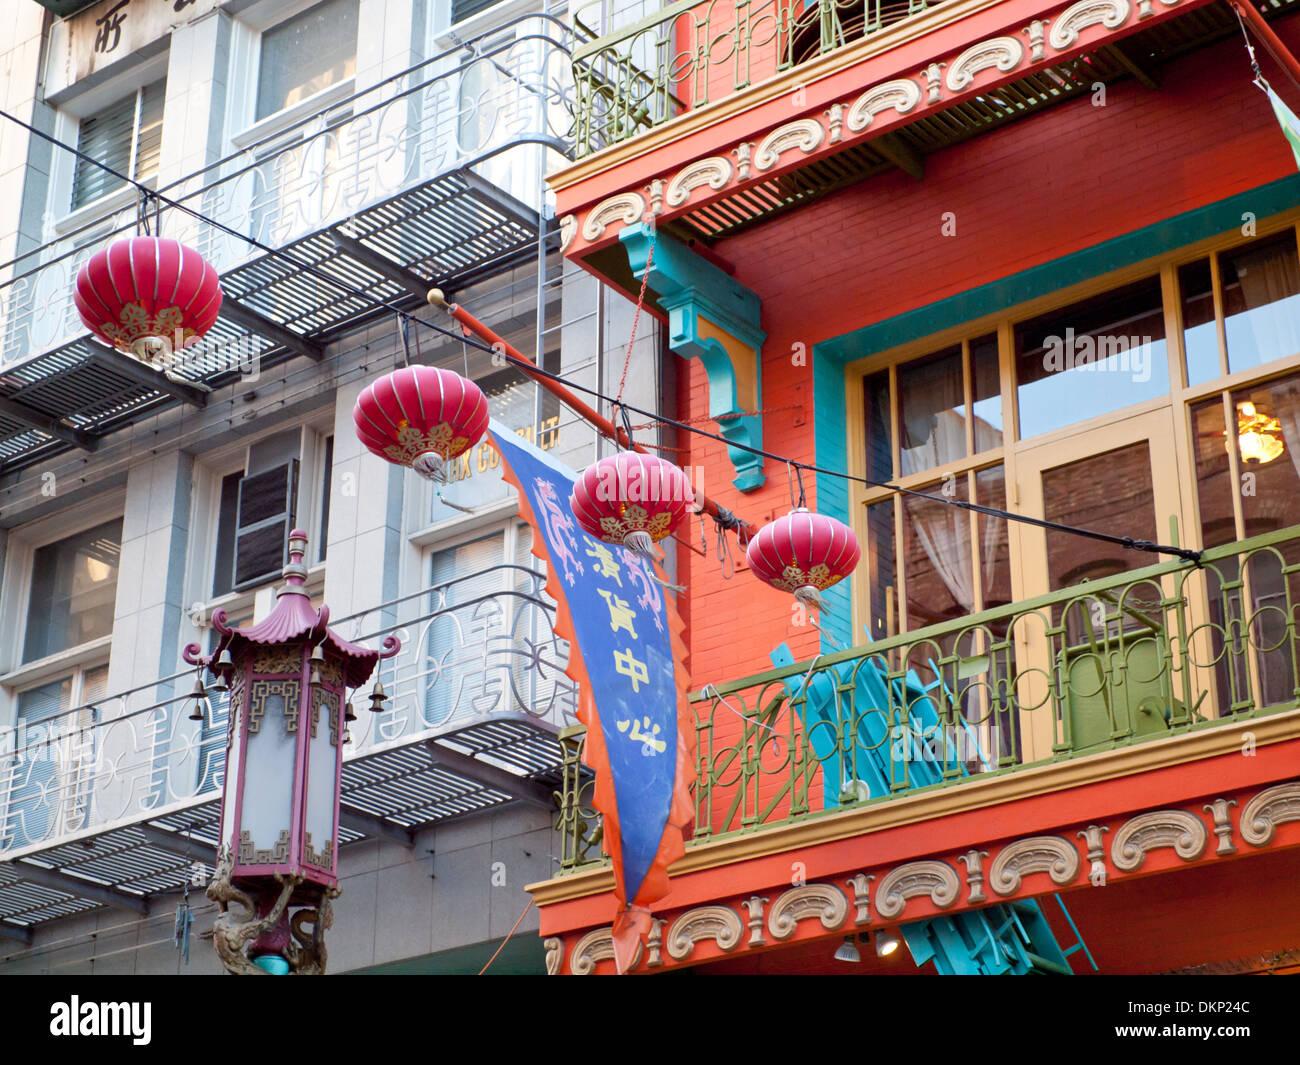 Lanternes chinoises au-dessus de l'avenue Grant dans le Chinatown de San Francisco. Photo Stock